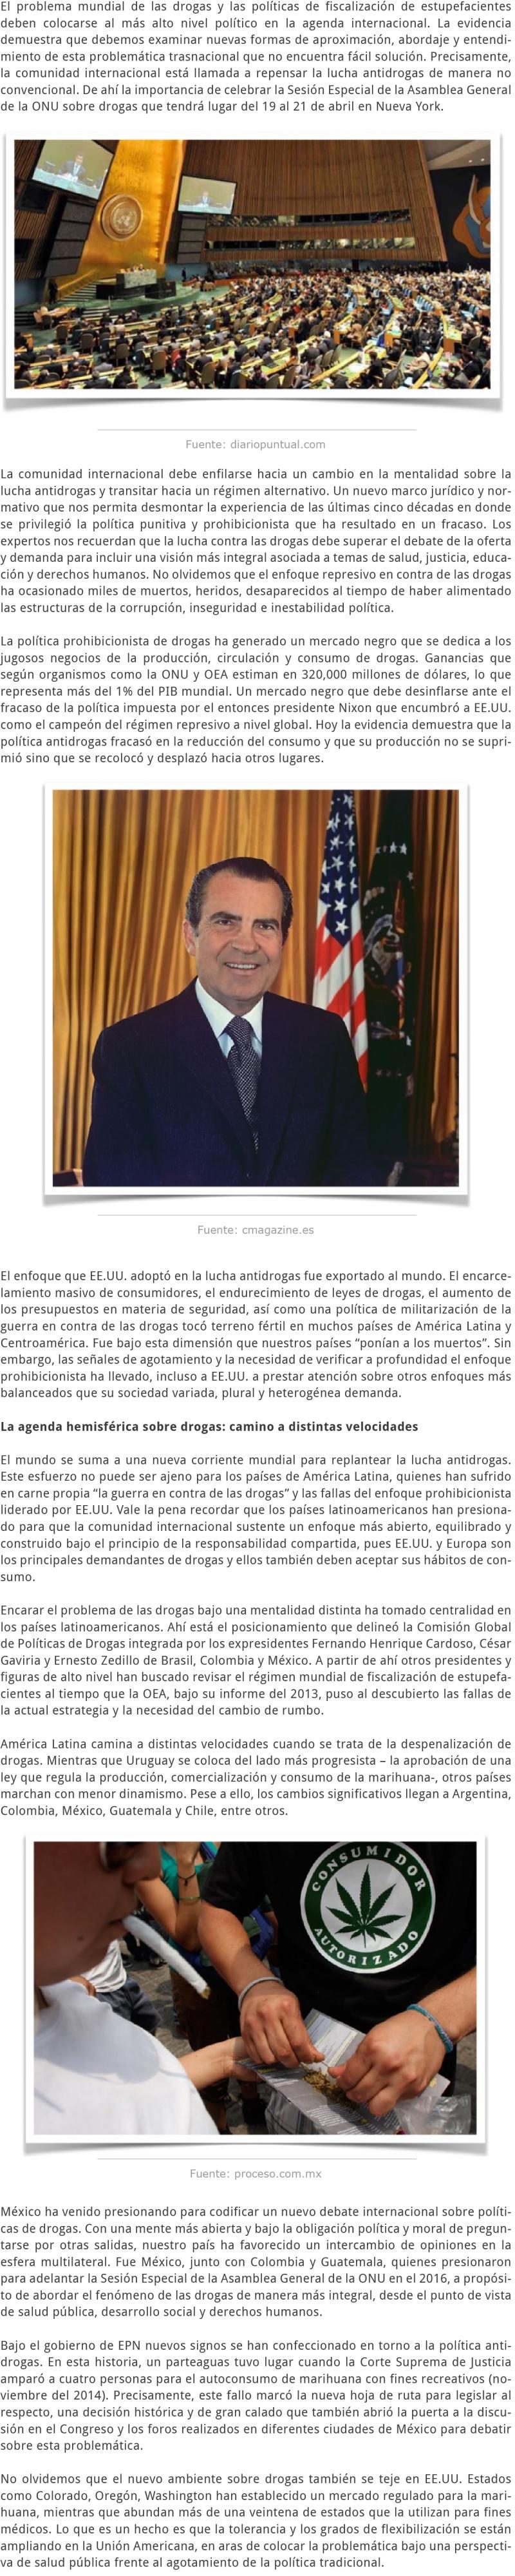 LA SESIÓN ESPECIAL DE LA ASAMBLEA GENERAL DE LA ONU SOBRE DROGAS